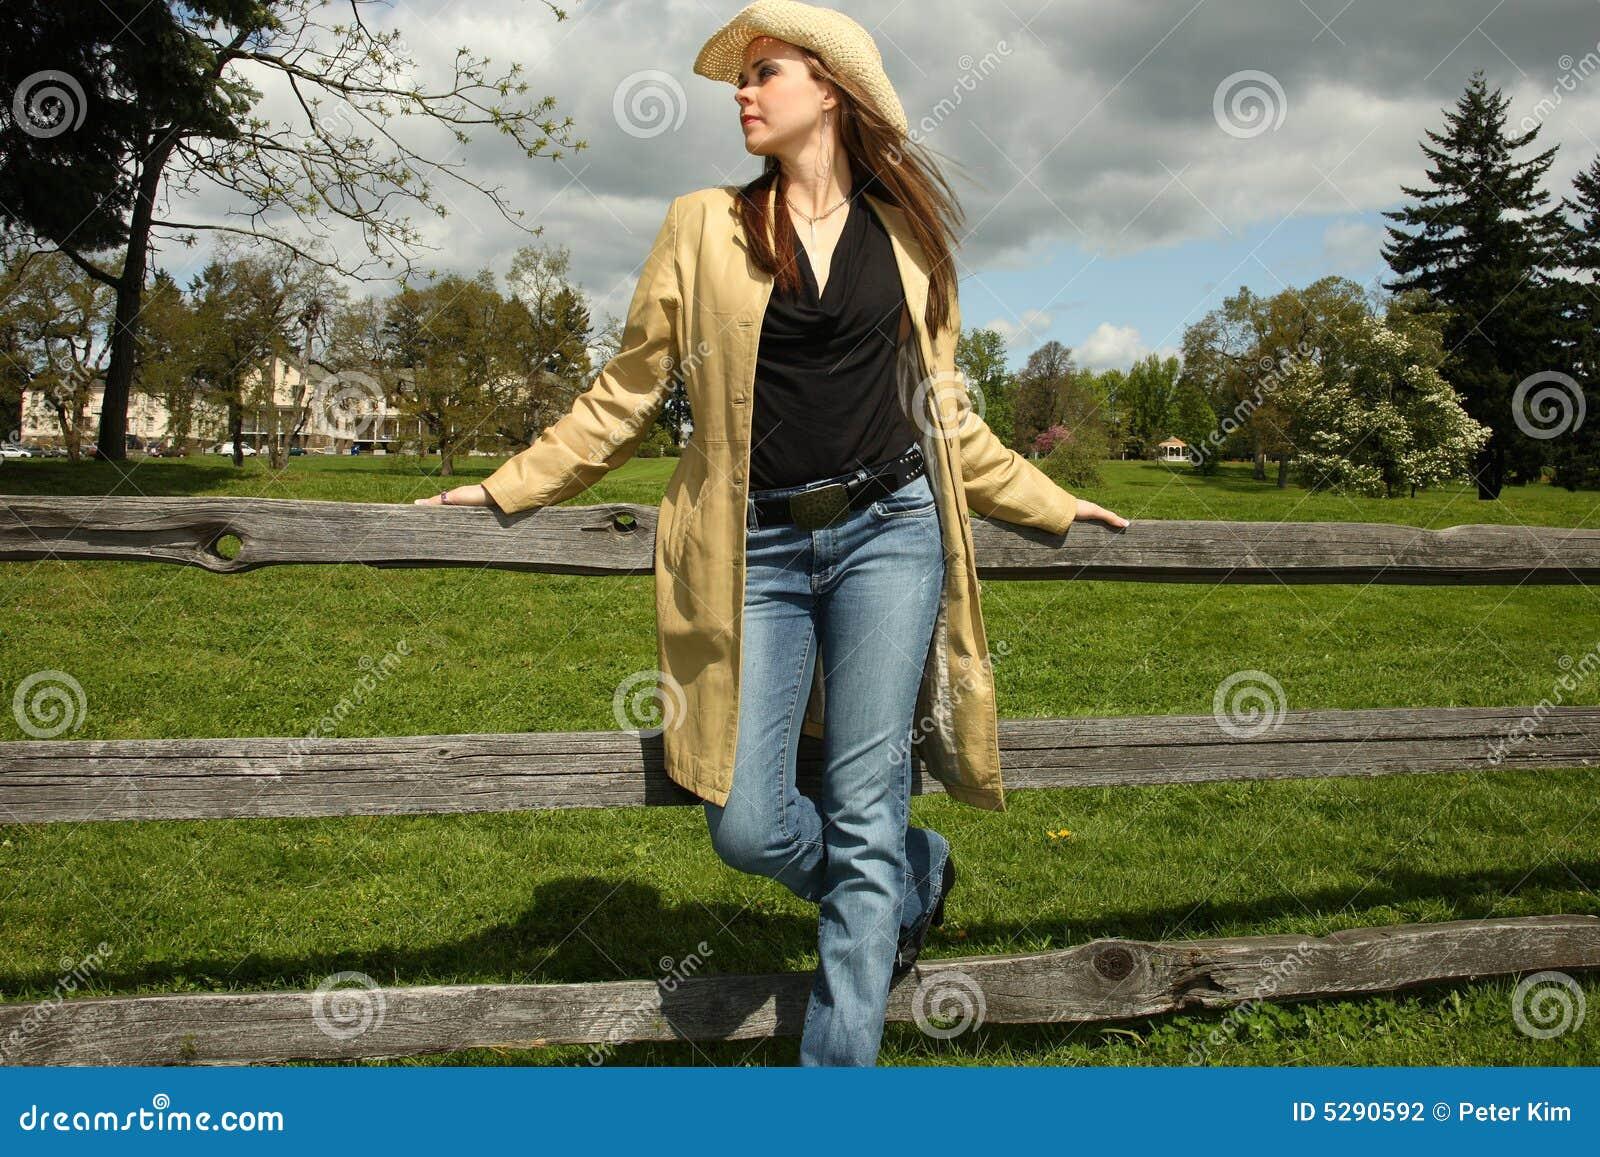 junges cowgirl herrlich gefickt